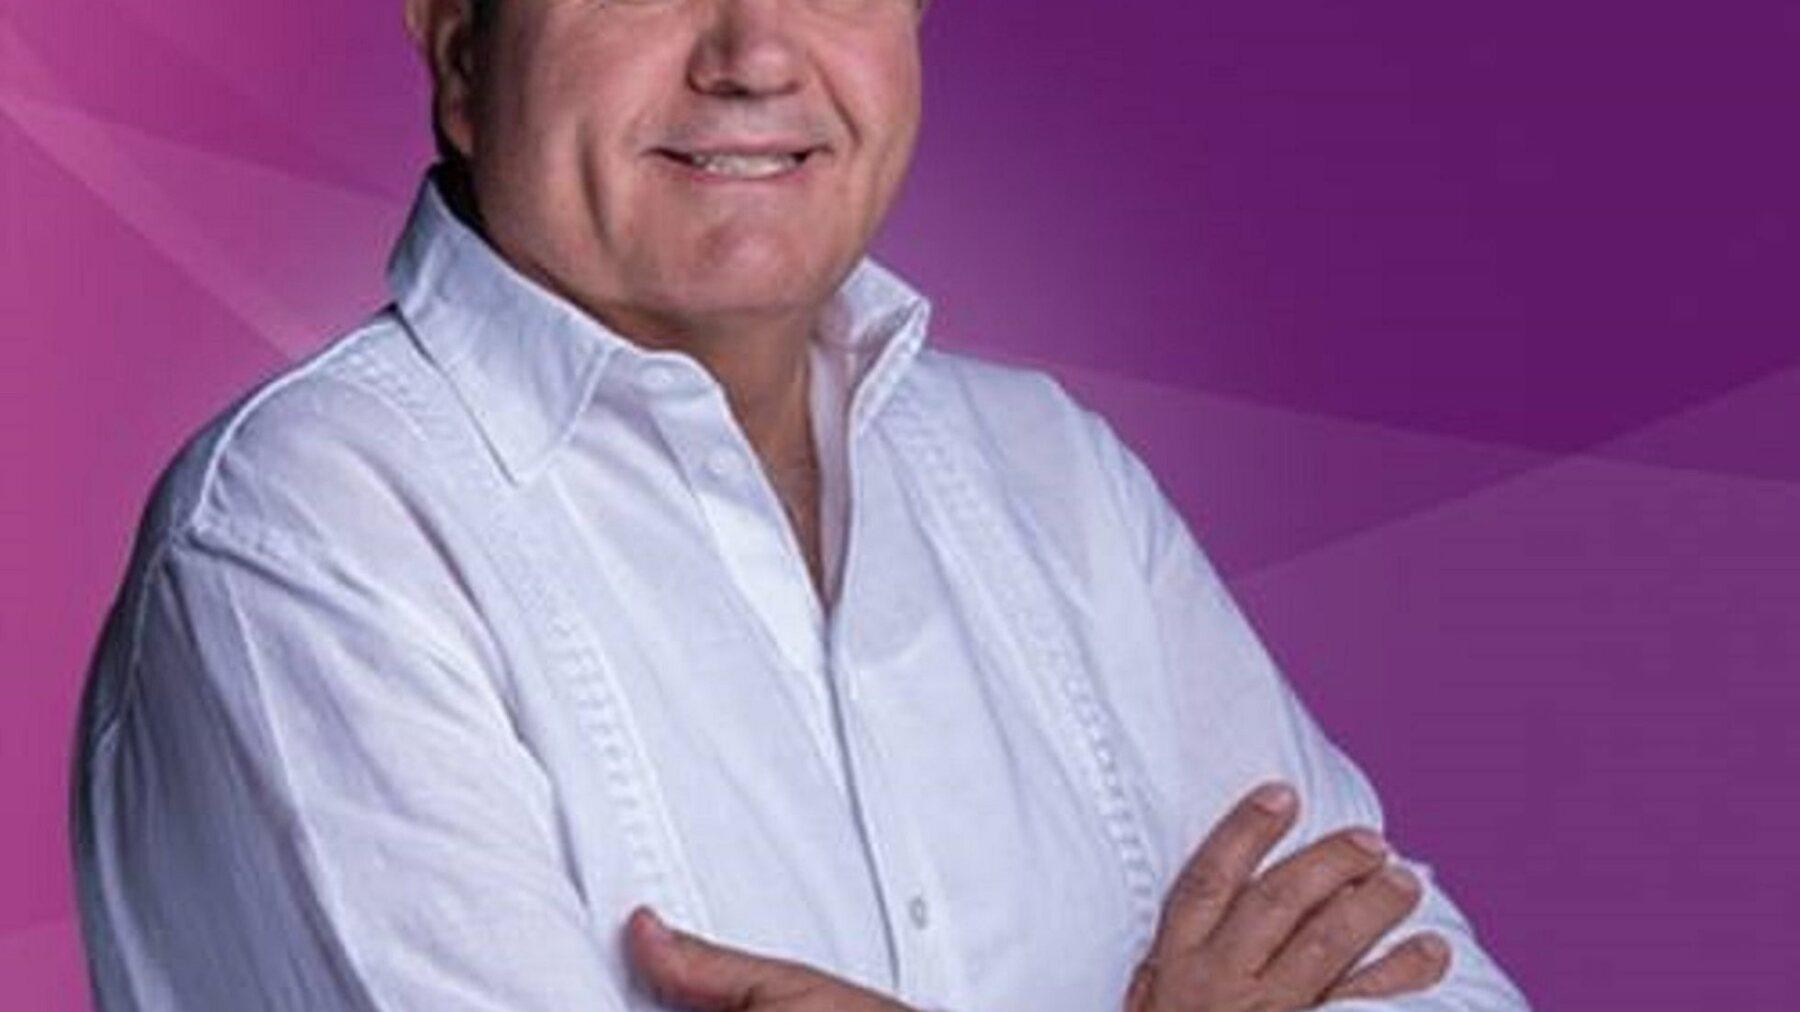 Para el candidato independiente a gobernador de Aguascalientes, Gabriel Arellano, la seguridad, el empleo y la salud deben atenderse con urgencia.